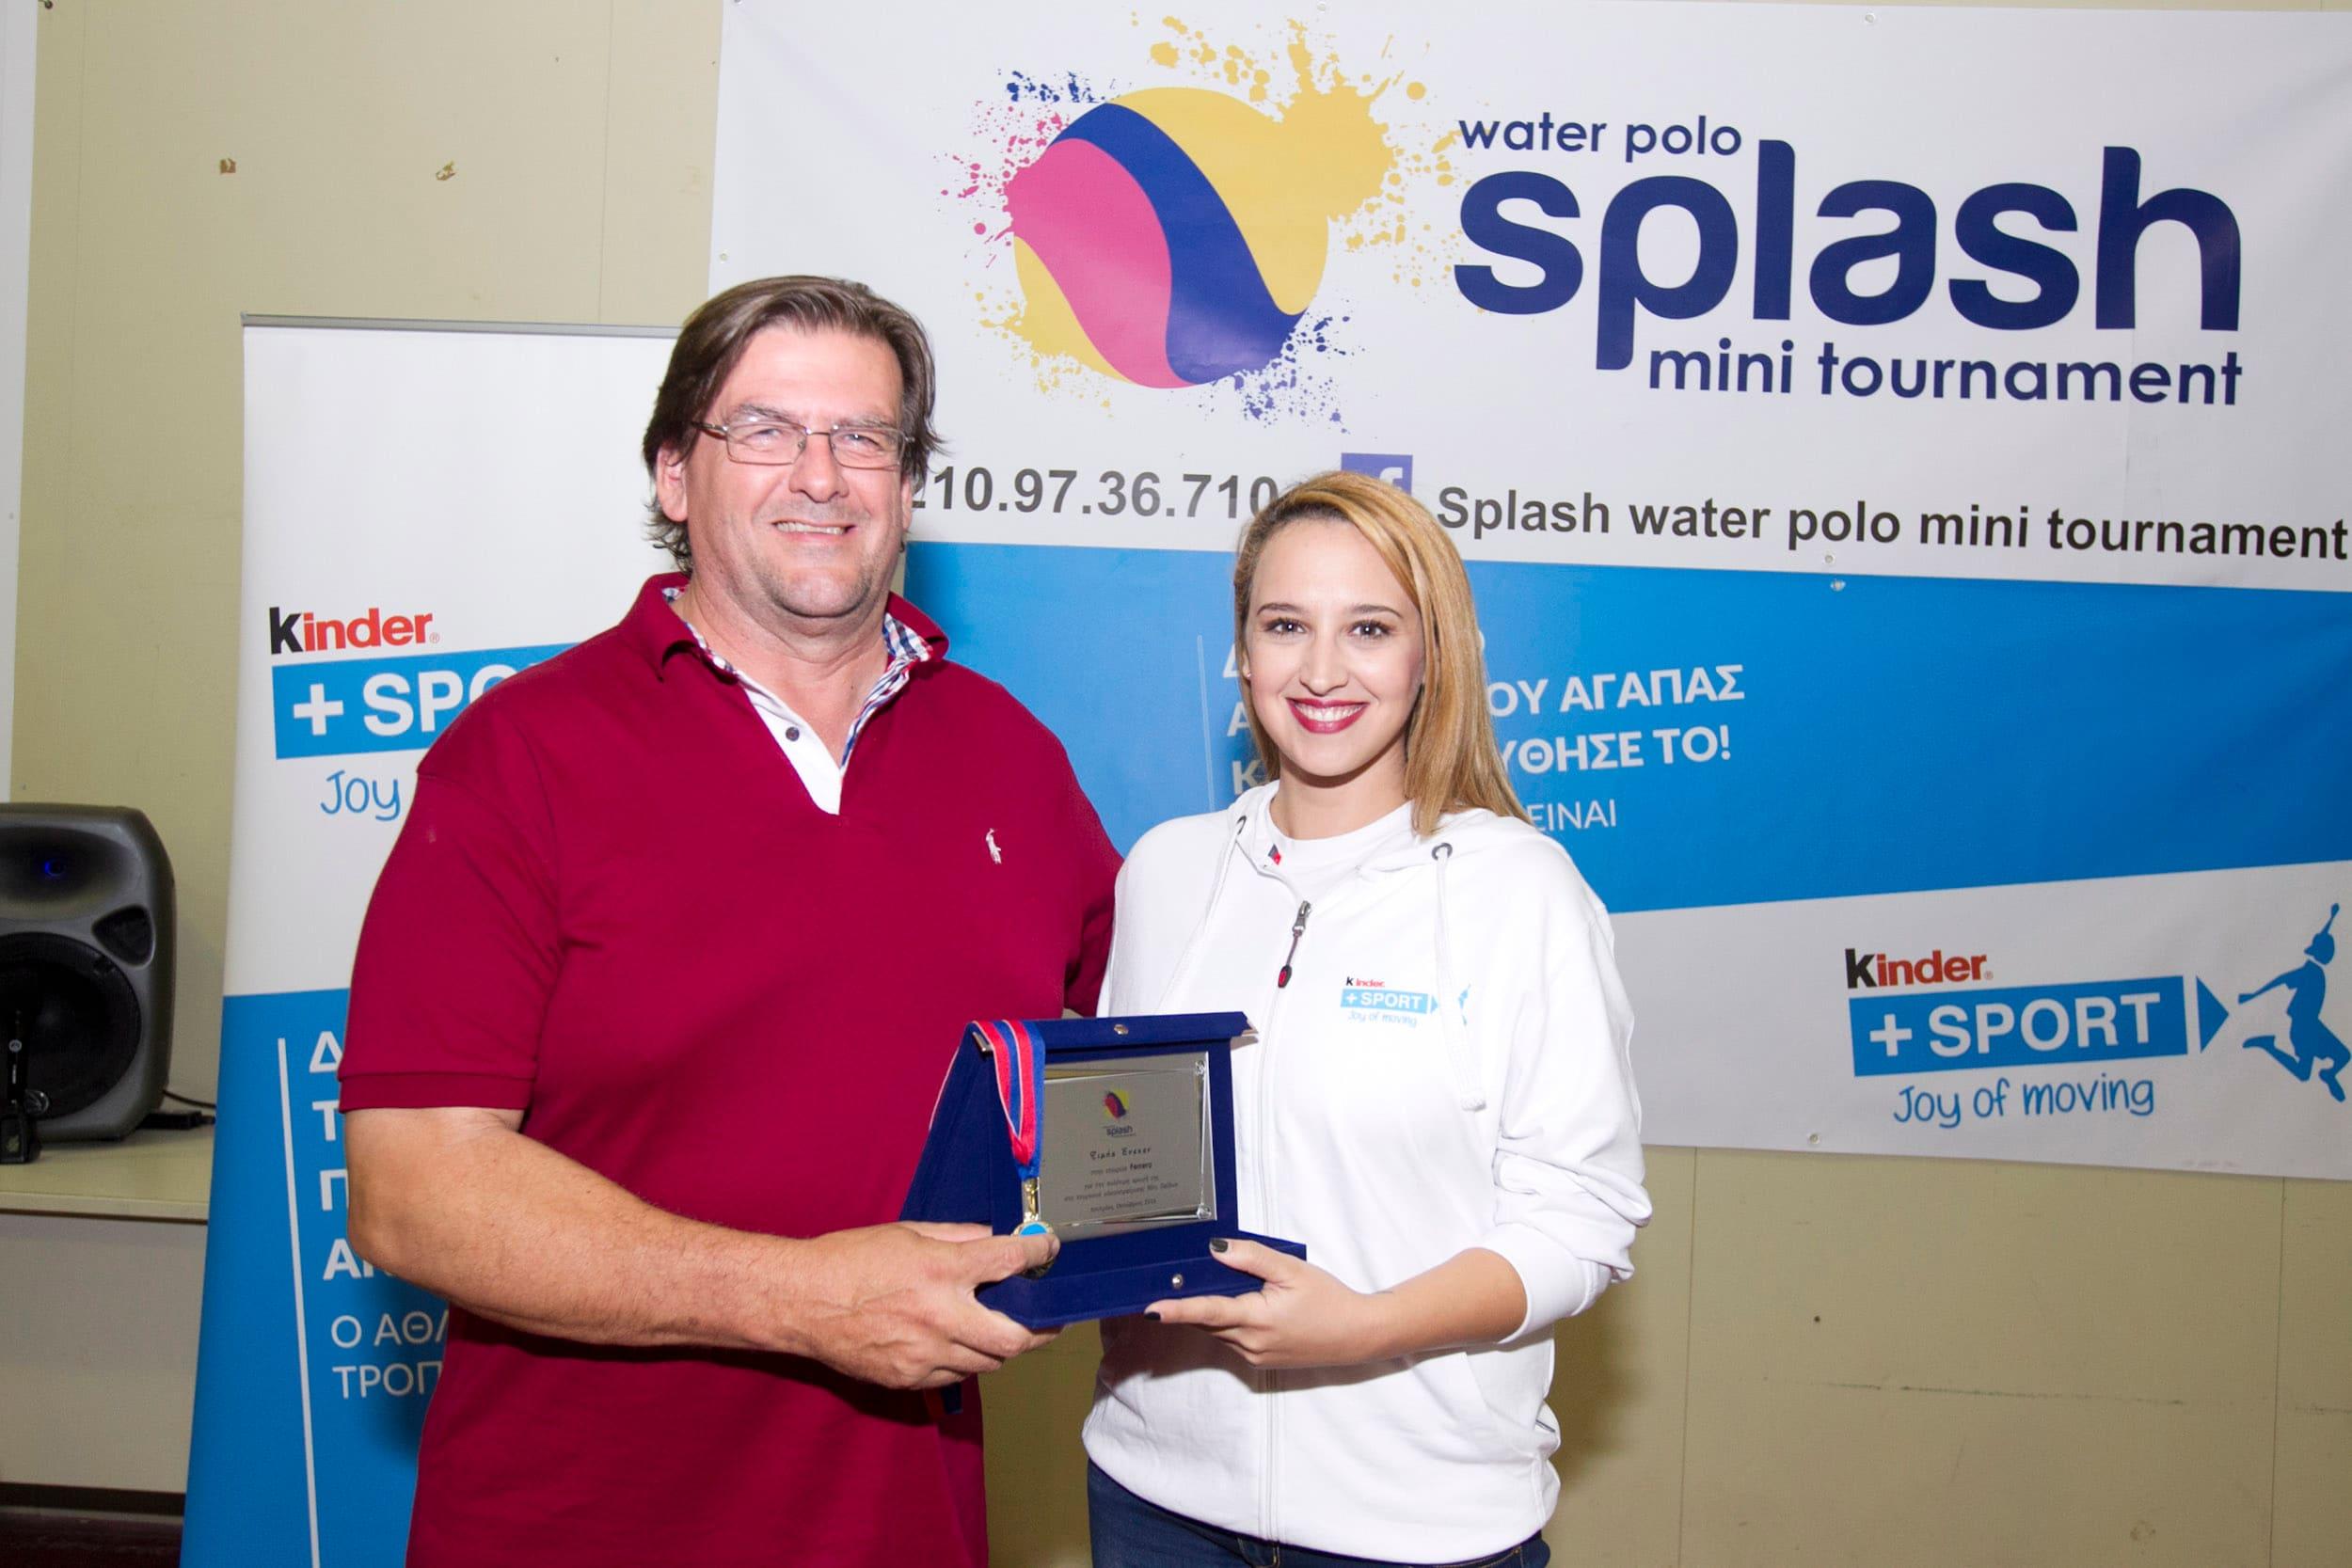 Το Πρoγραμμα Kinder+SPORT στηριζει τον υγρο στιβο στο 2ο Splash Water Polo mini Tournament στο Λουτρακι